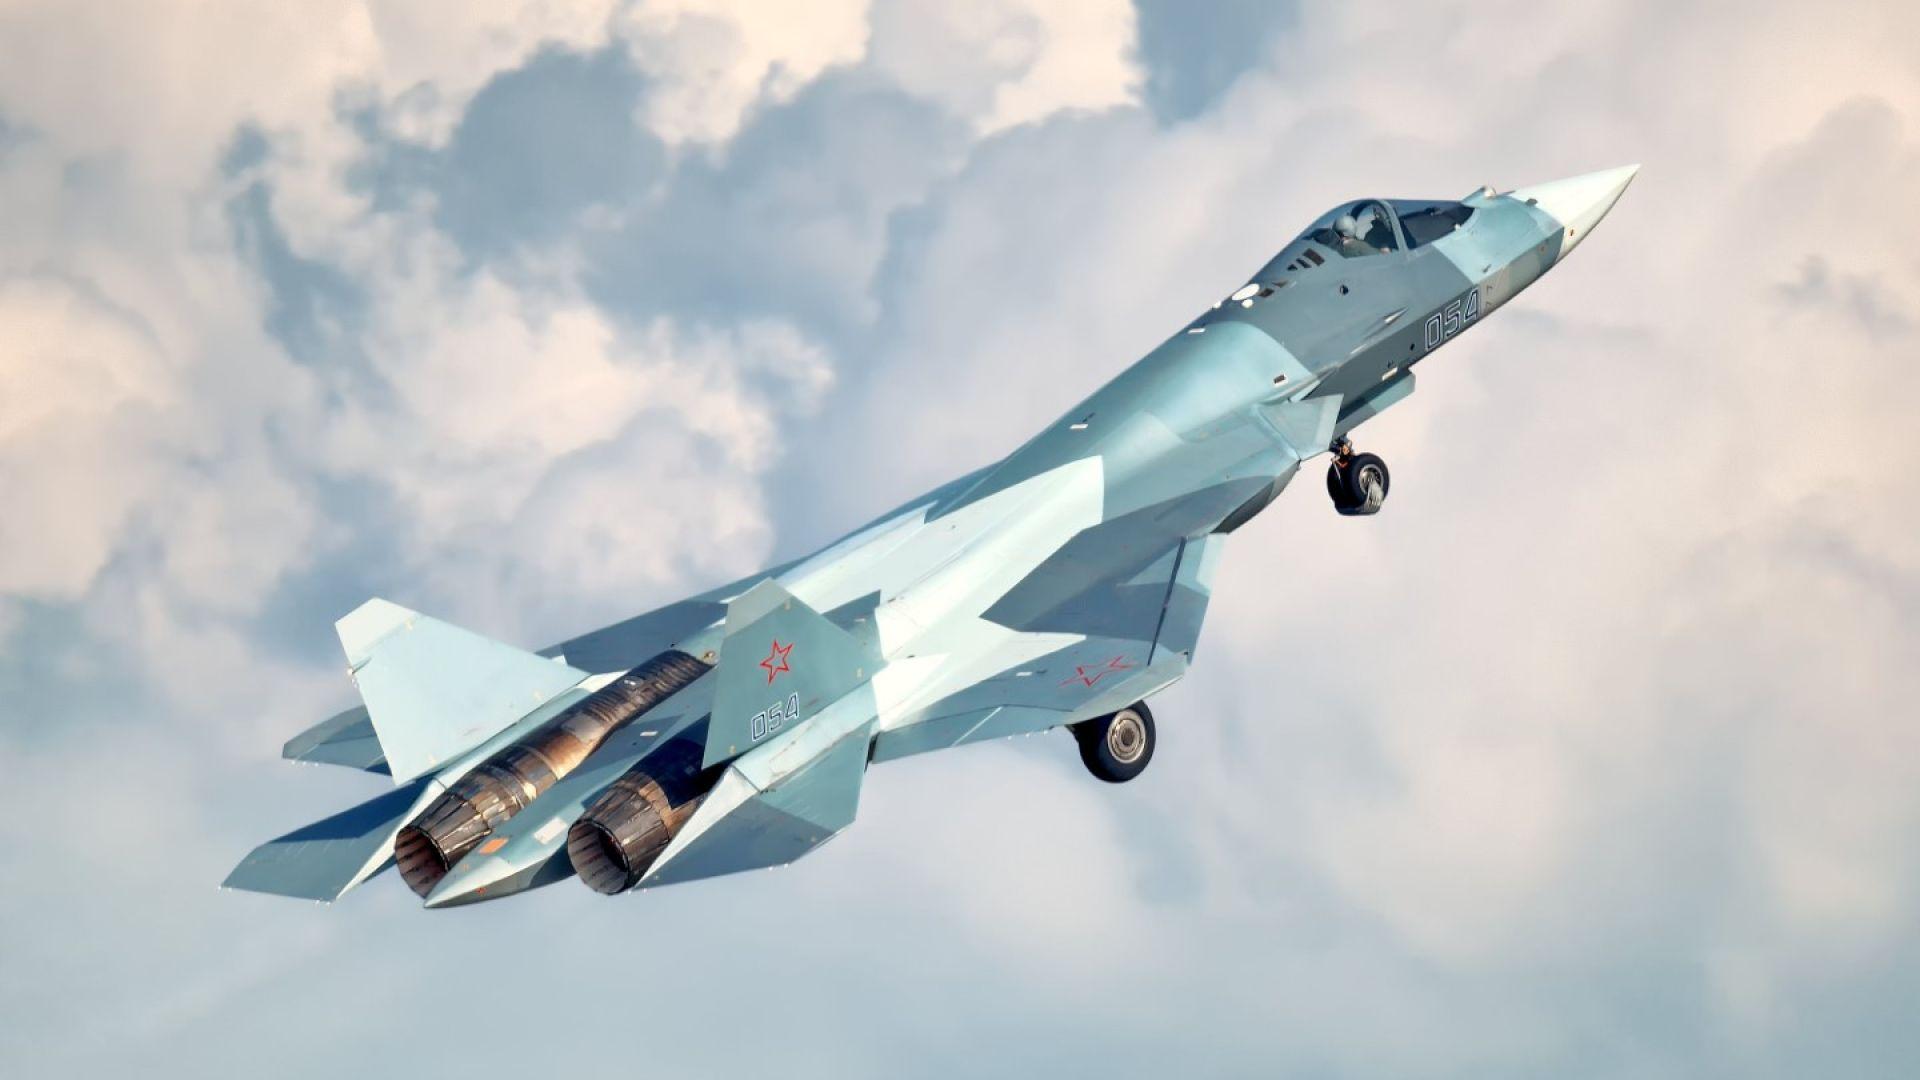 Руските военни купуват 76 изтребителя Су-57 за $2,3 млрд.